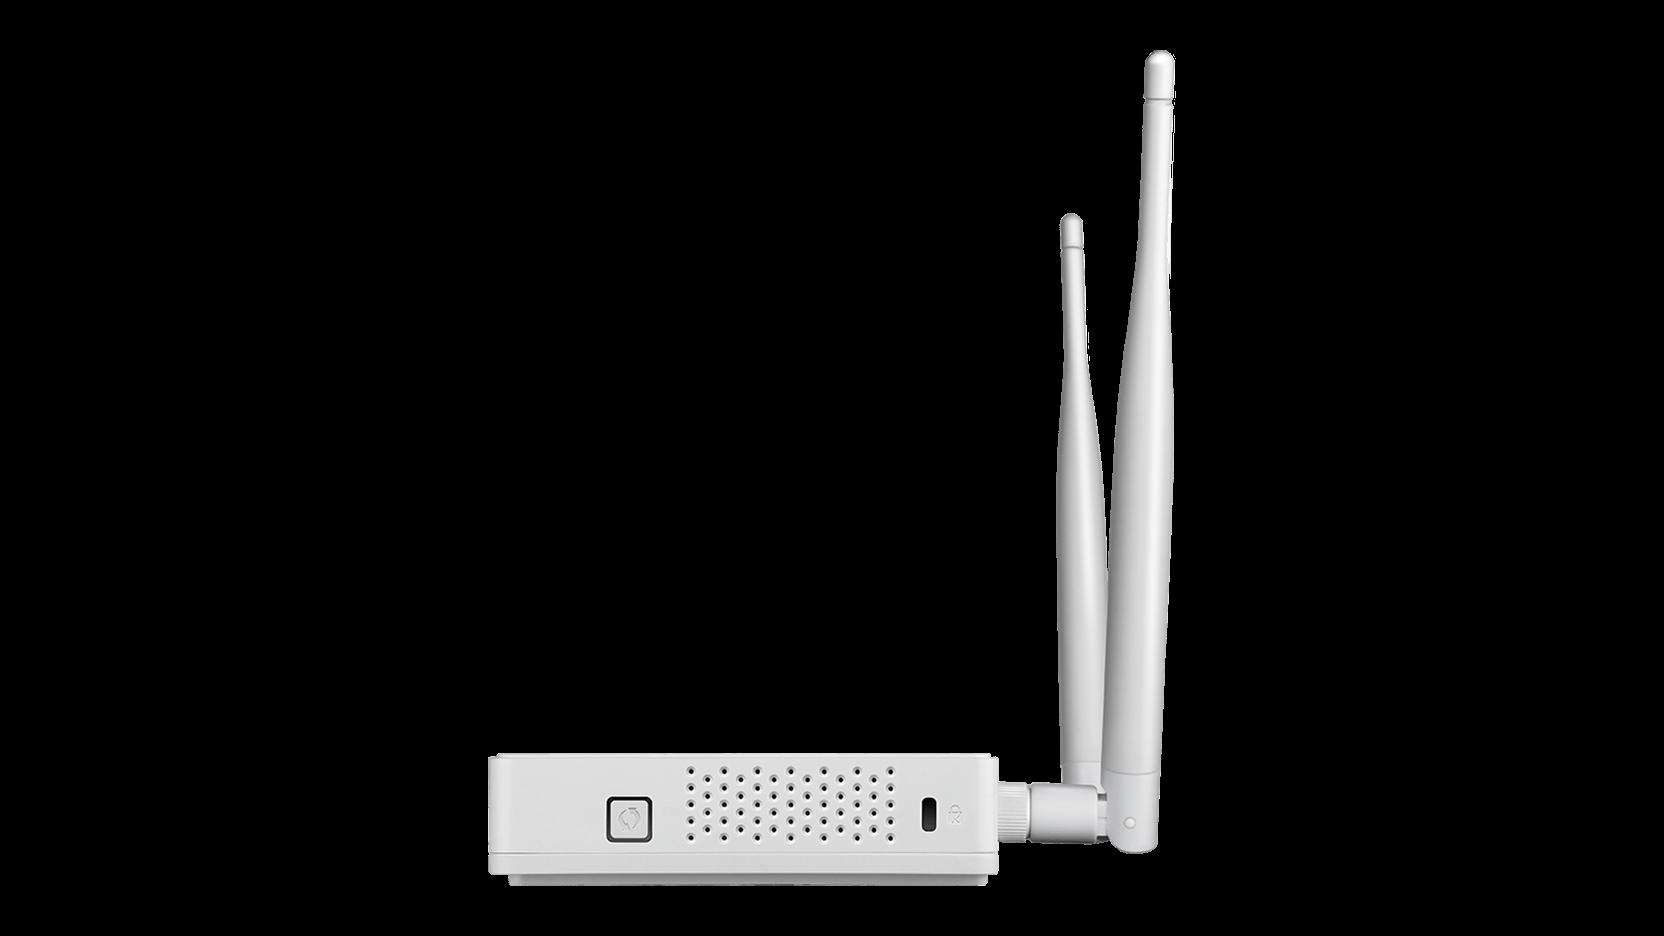 Wireless AC1200 Dual Band Access Point D-Link DAP-1665